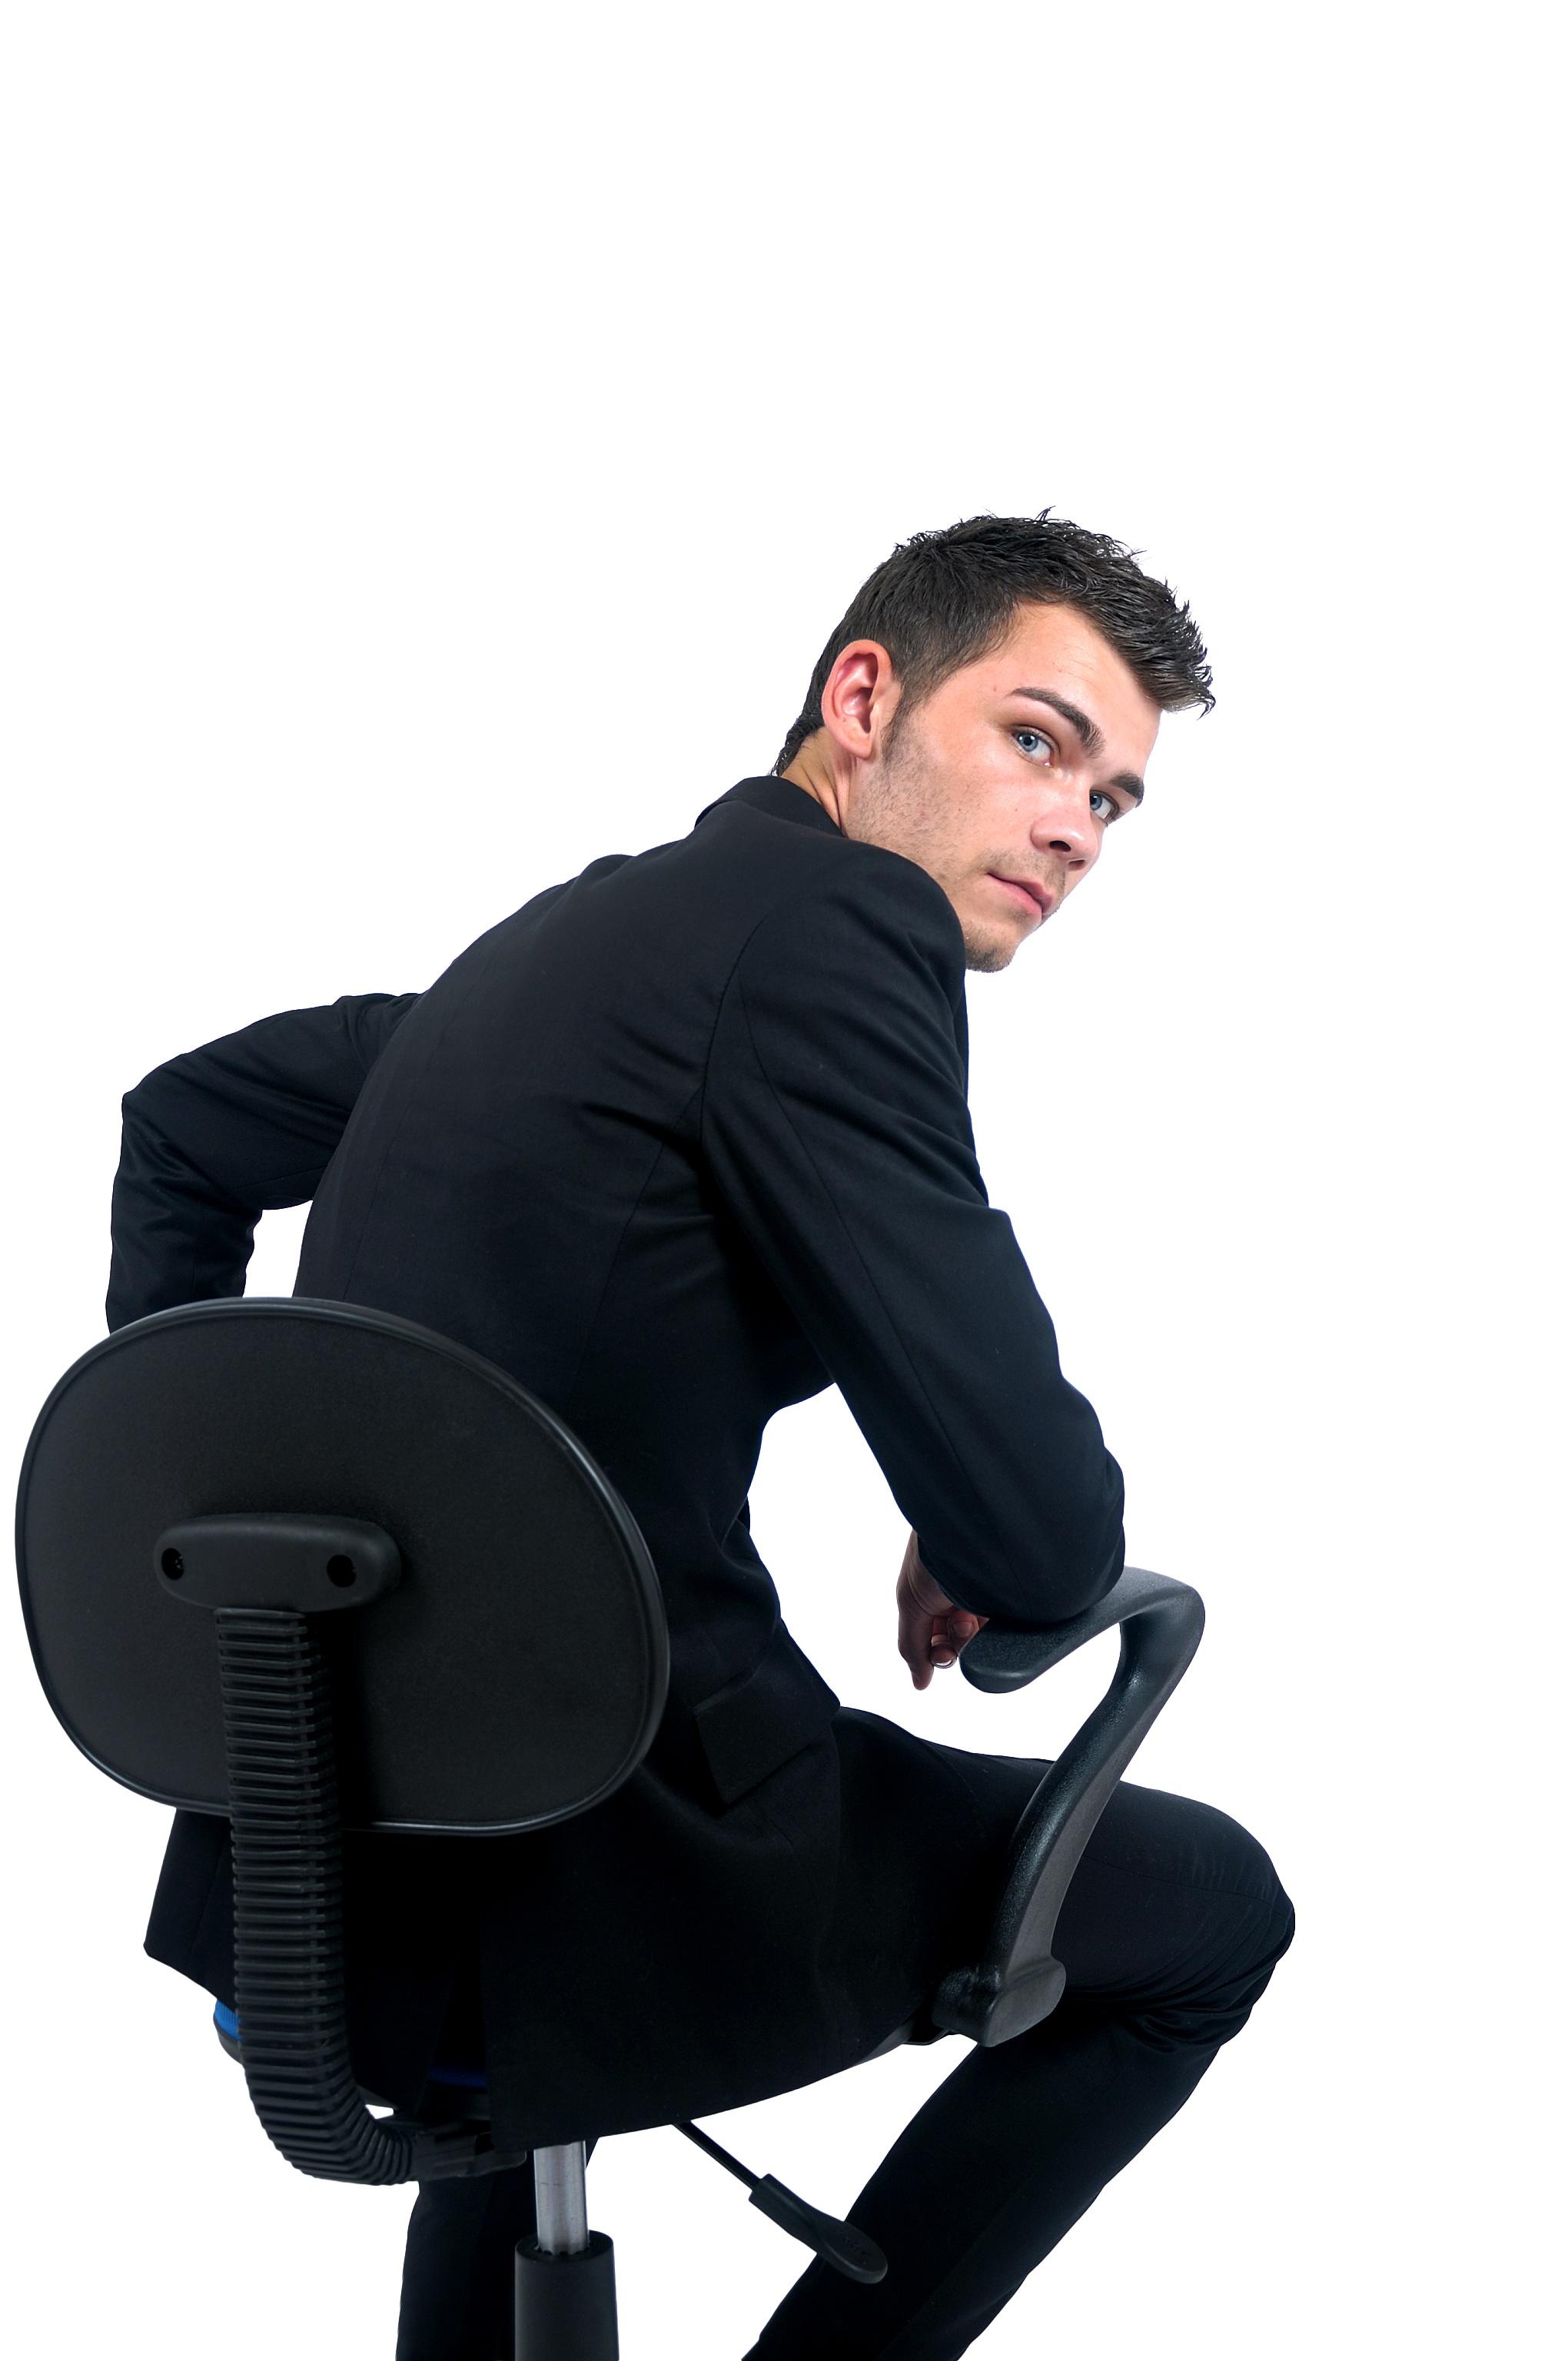 Purtroppo la vita ¨ una maratona della seduta Siamo seduti tante ore alla scrivania in ufficio ci sediamo in macchina o sui mezzi pubblici ci sediamo per